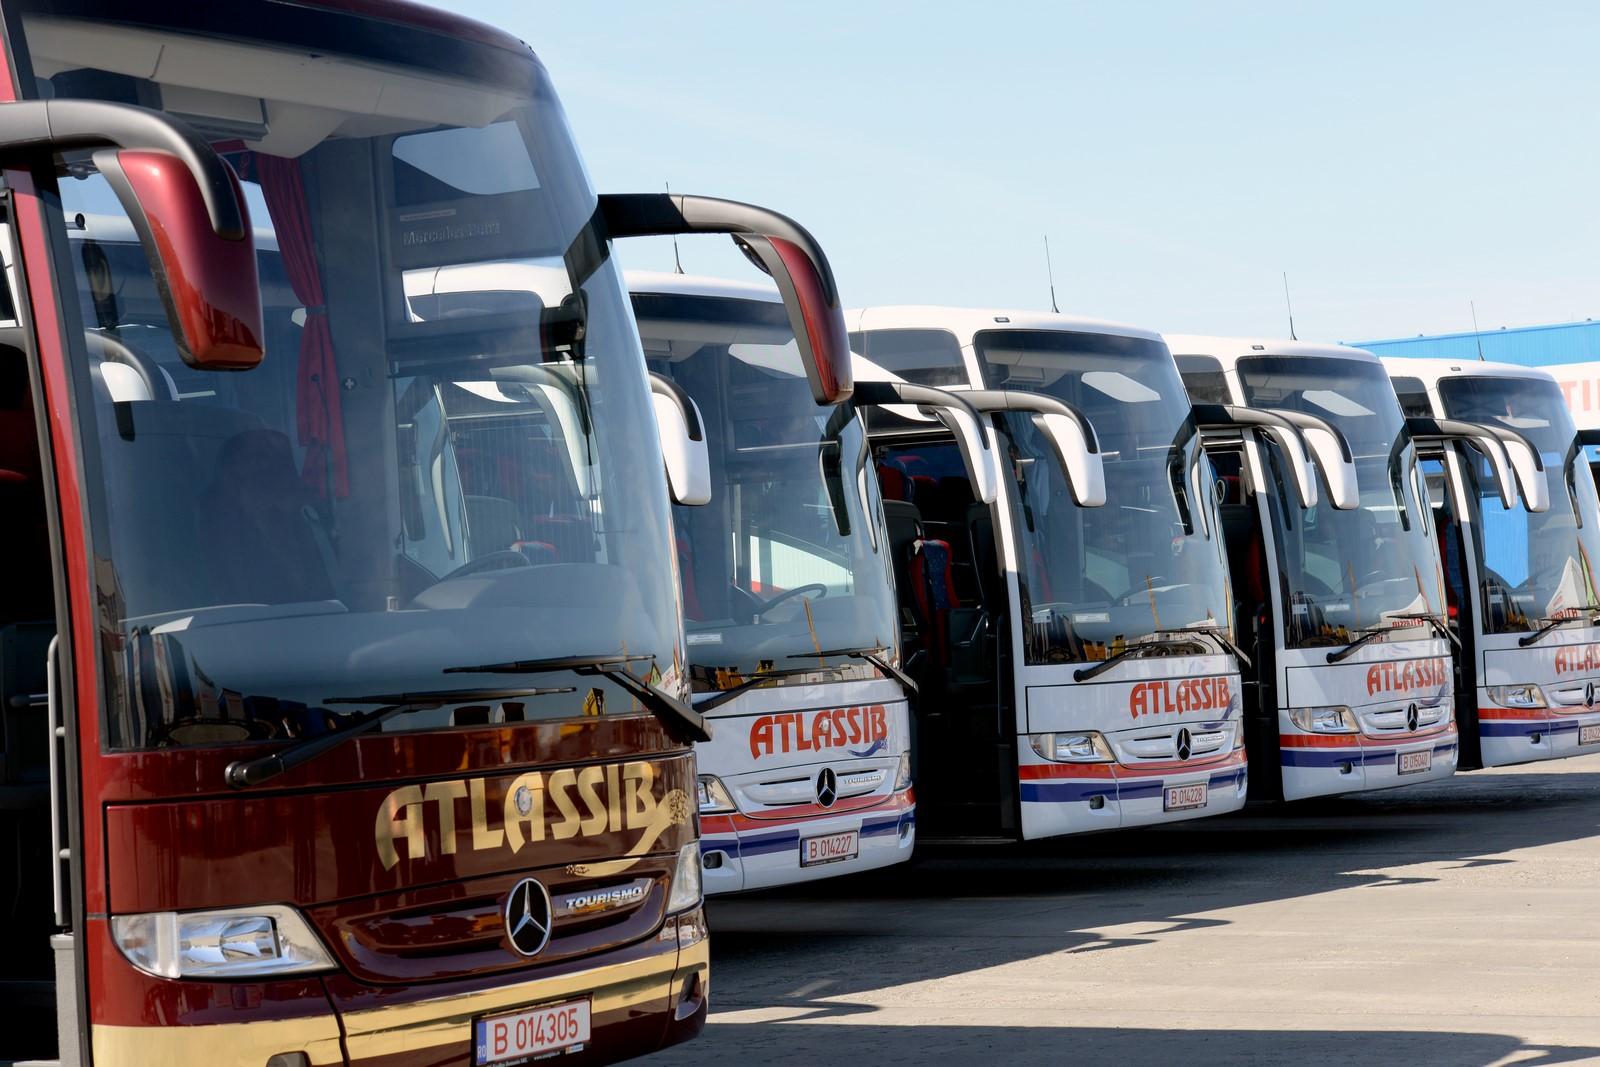 După 27 de ani: Atlassib (Atlantic Travels) suspendă toate cursele internaționale